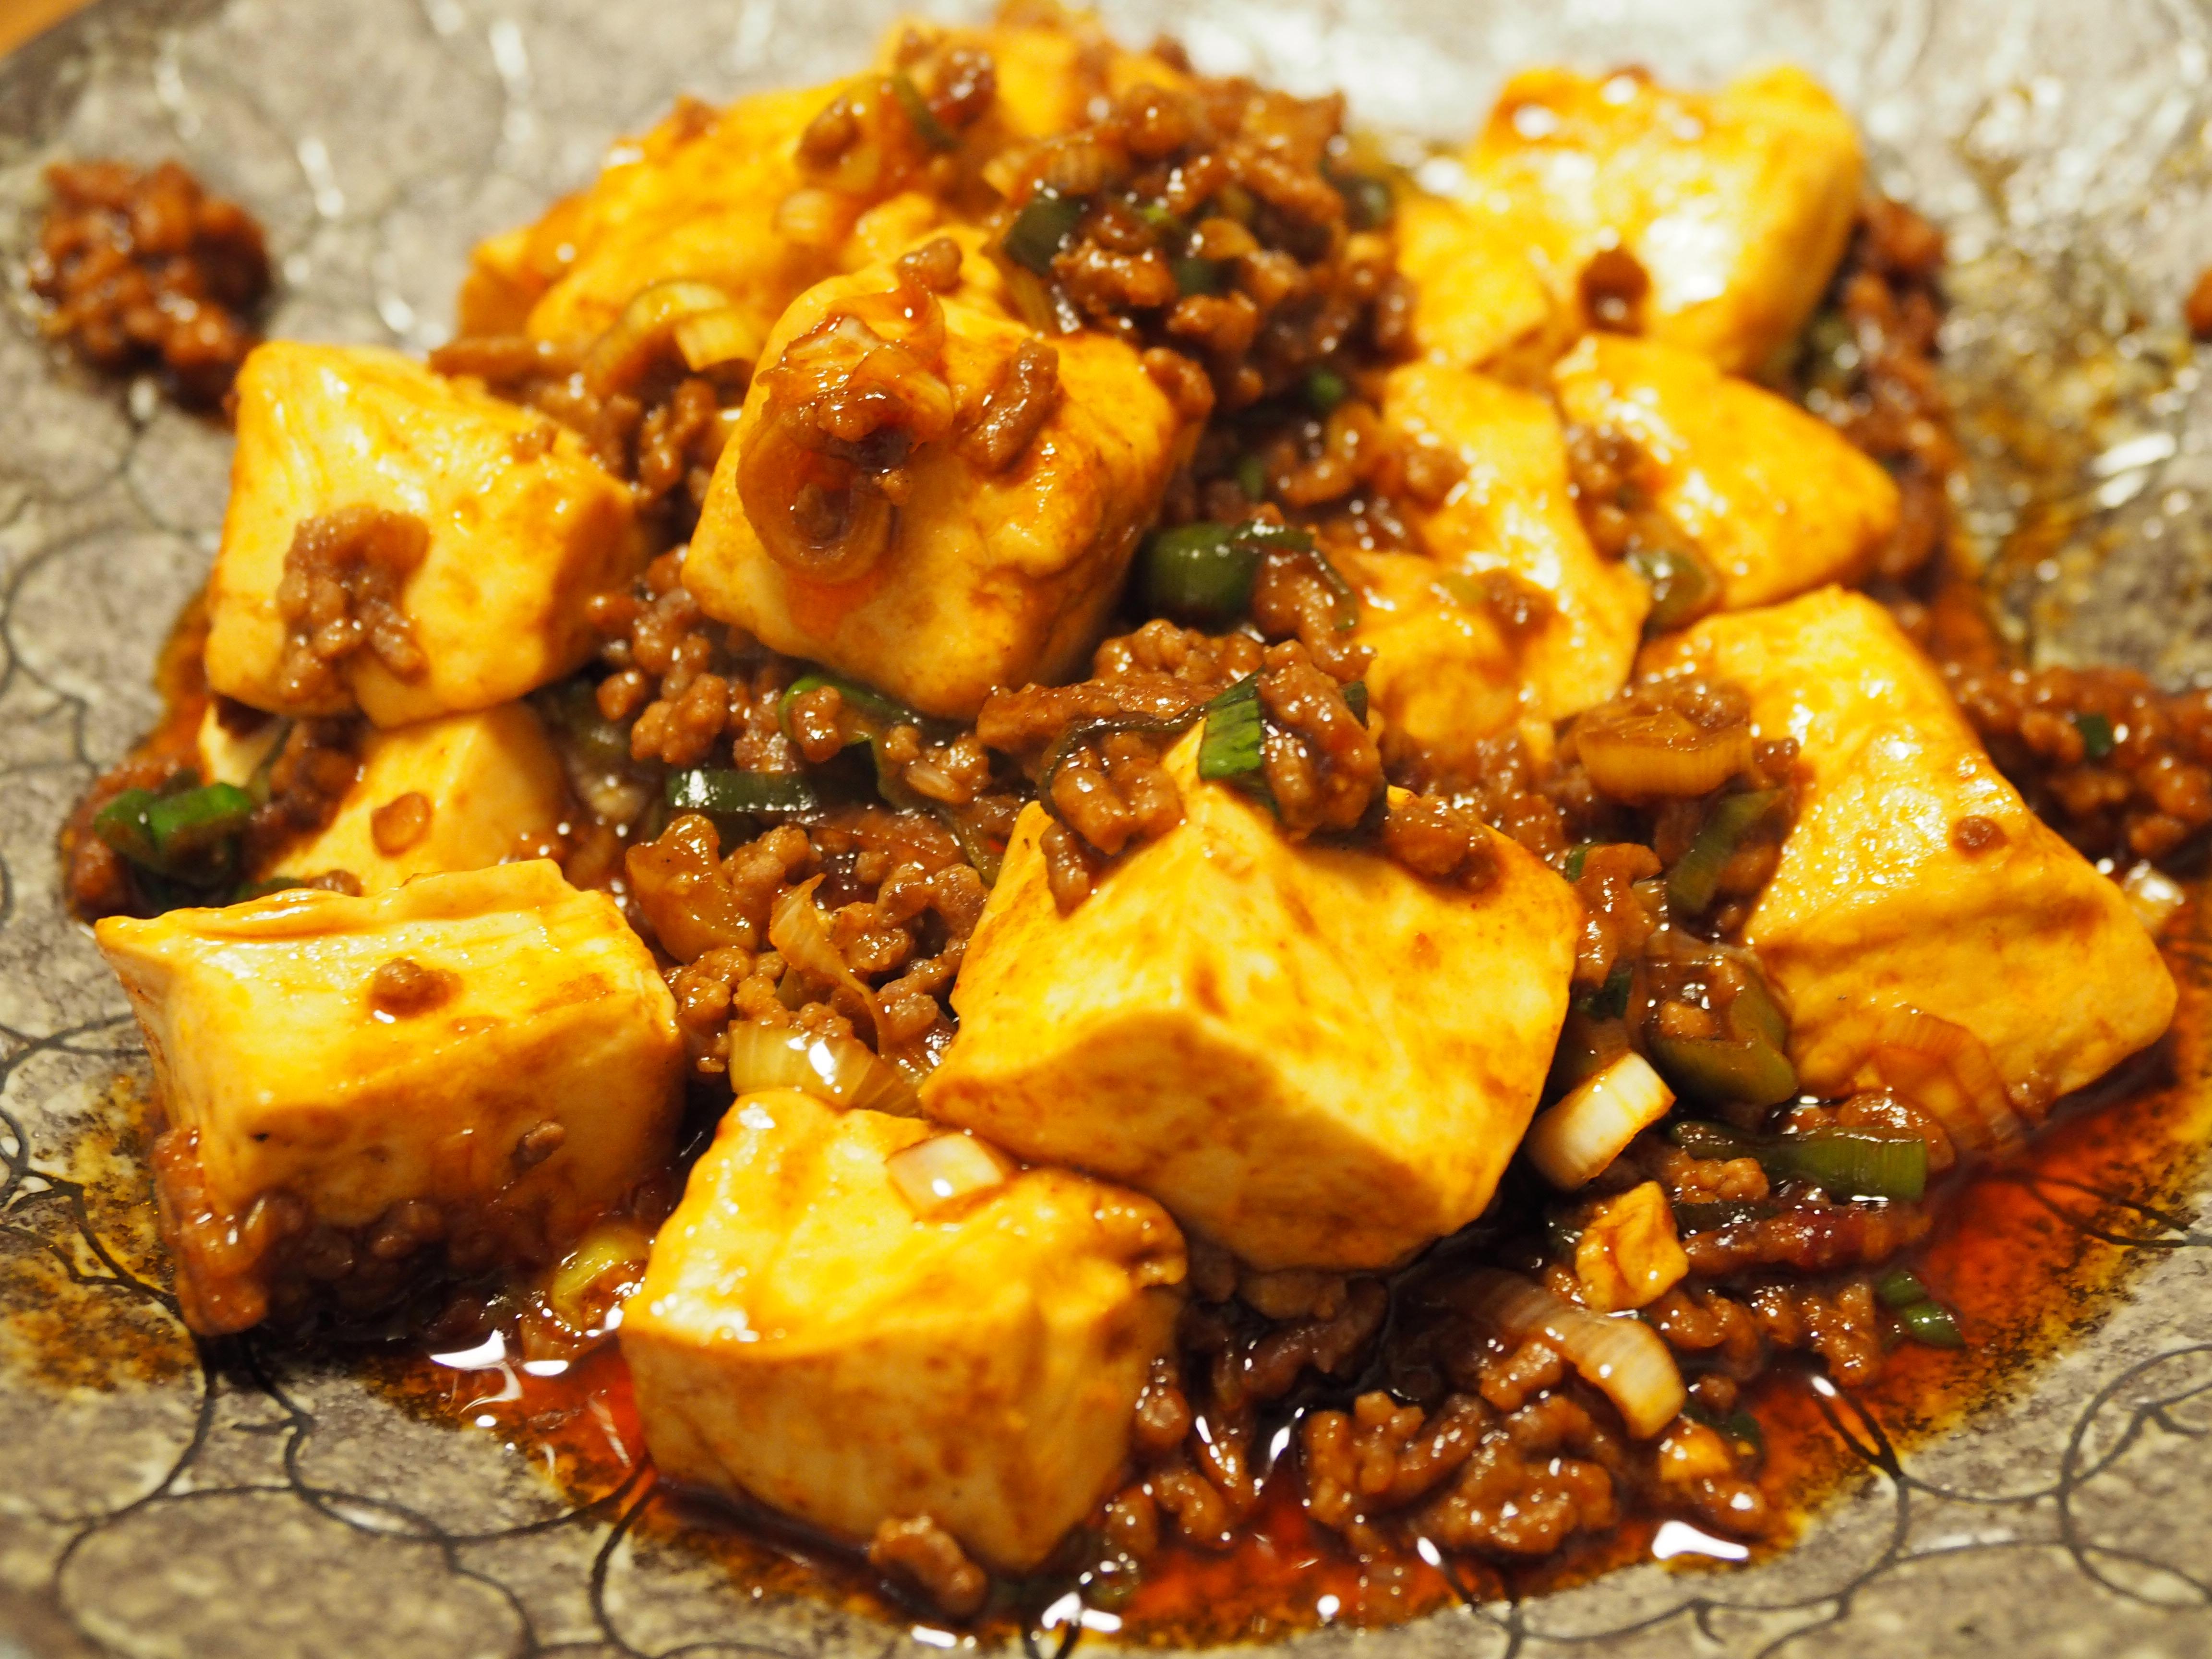 「李錦記」の麻婆豆腐と回鍋肉のレビュー